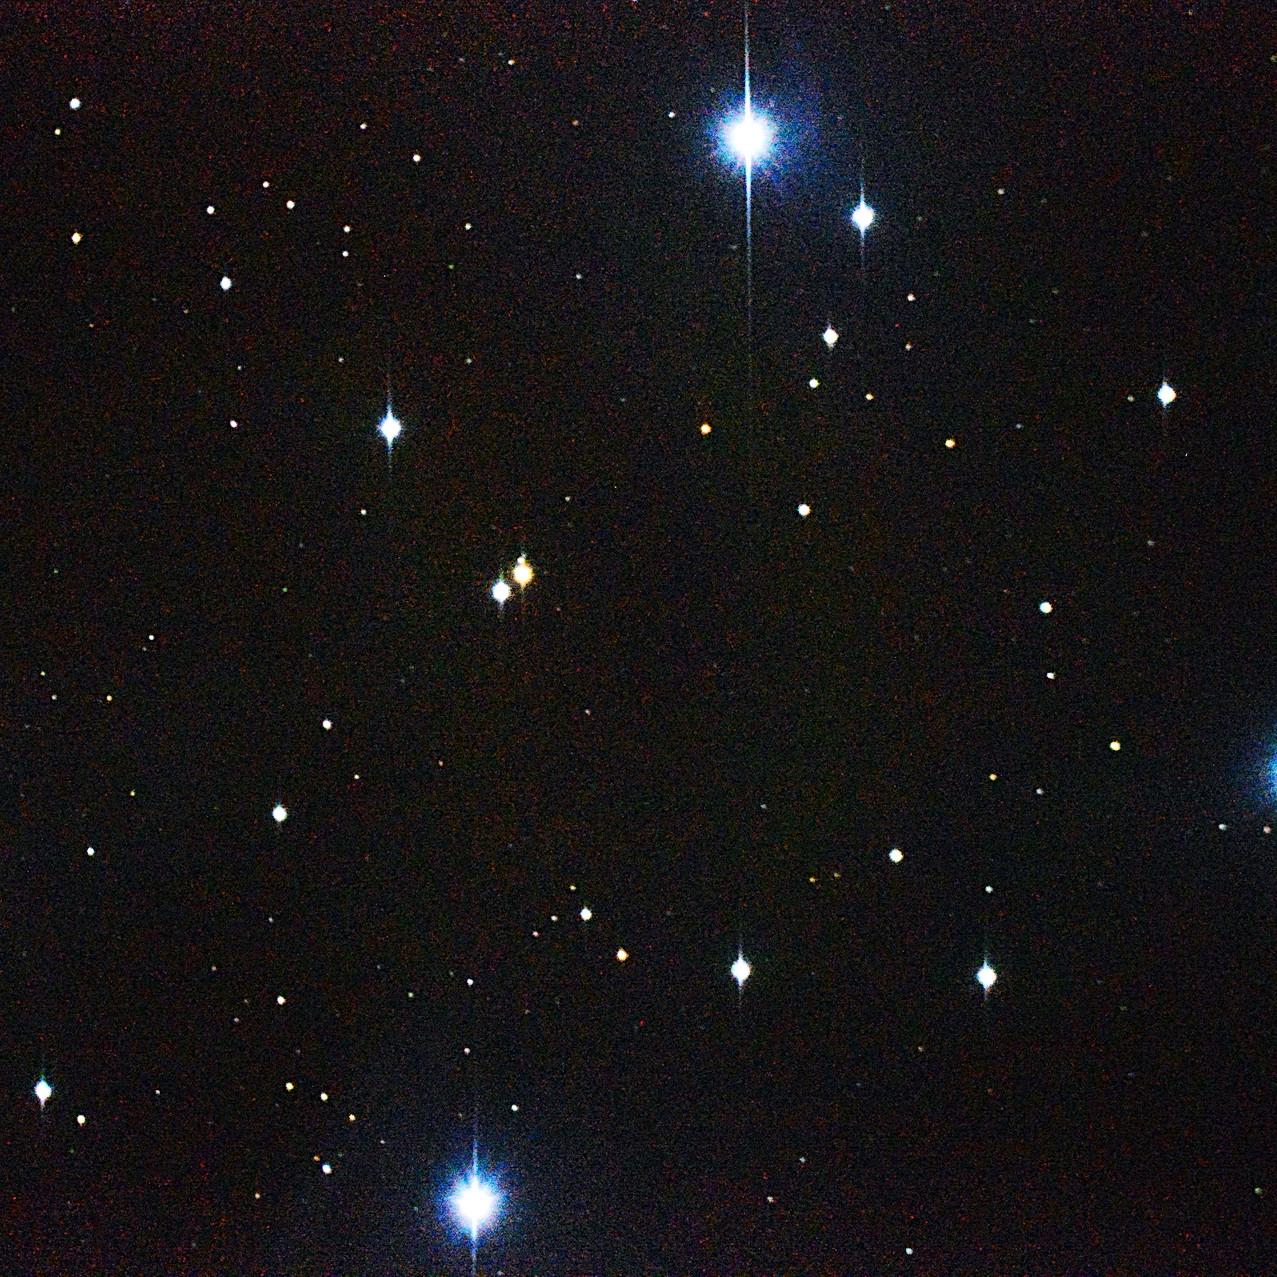 Pleiades, M45